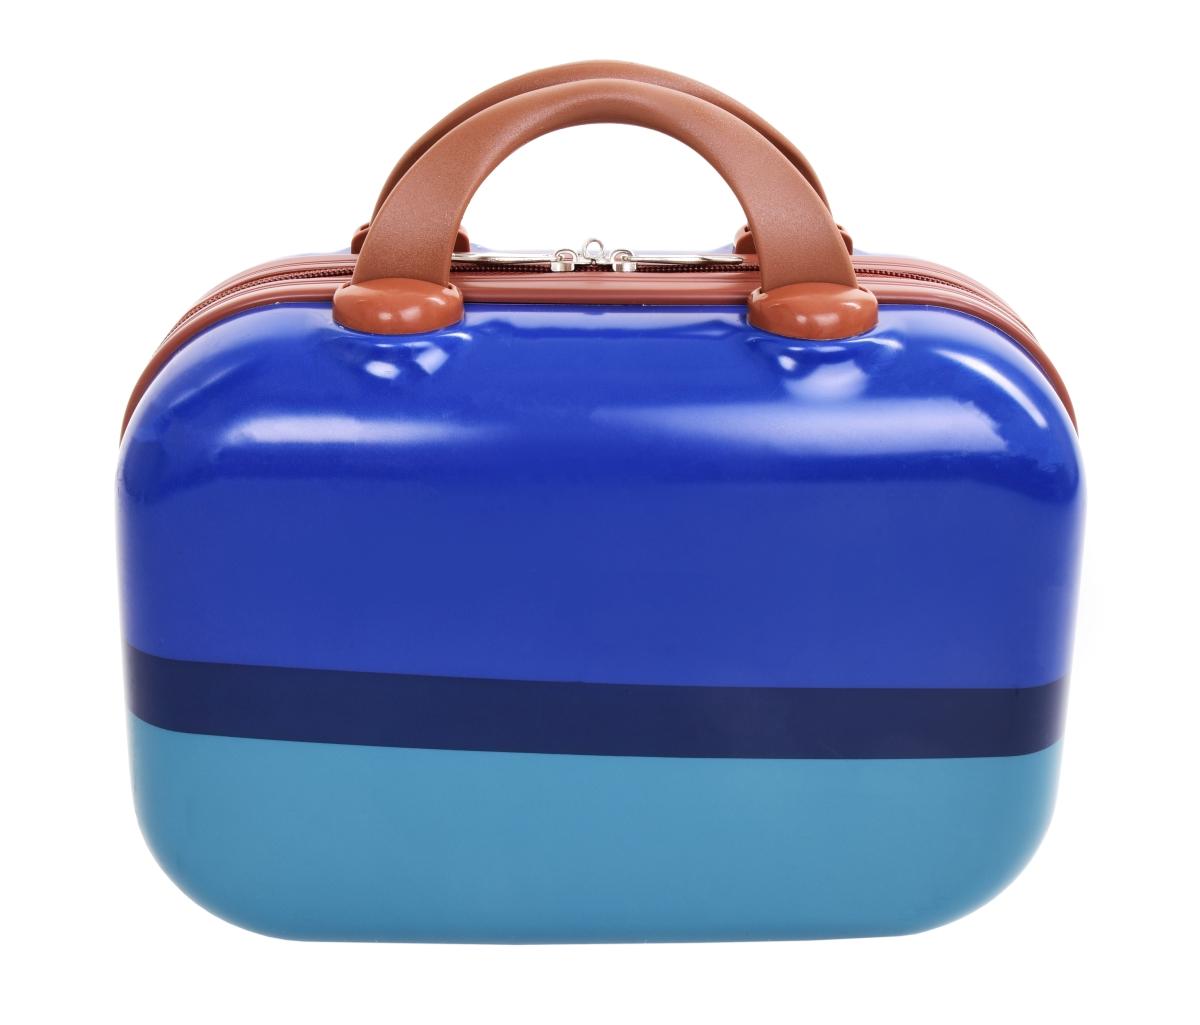 Kufr příruční větší BLUE TURQUOISE 37 x 17 x 30 cm